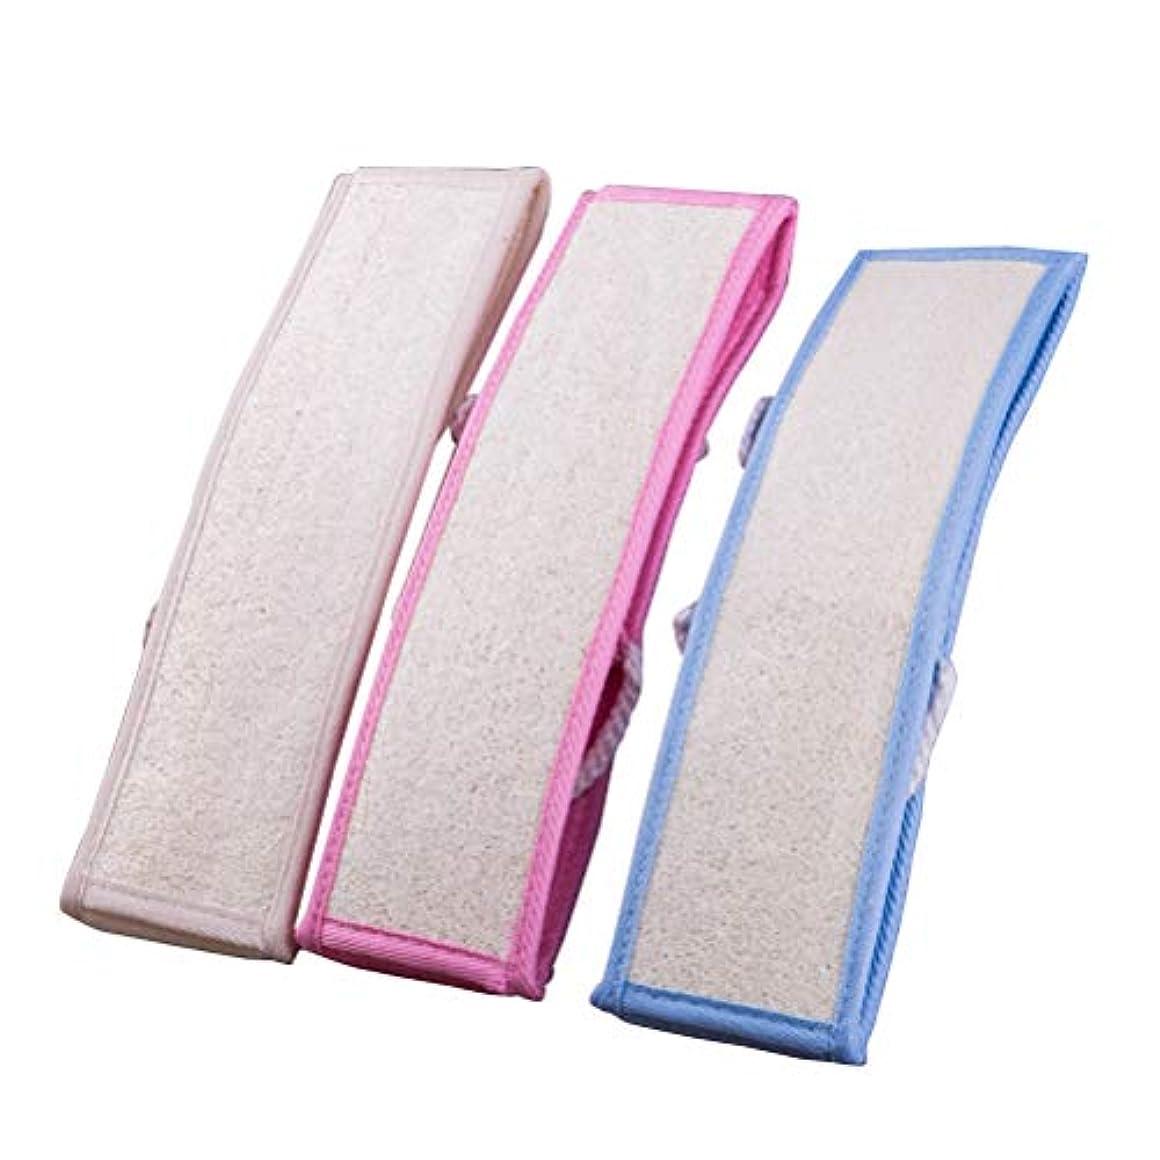 主張する告発増幅Healifty 3本のLoofahバックストラップ剥離バックスクラバーロングシャワーバスLoofah(青、ピンク、白各1個)